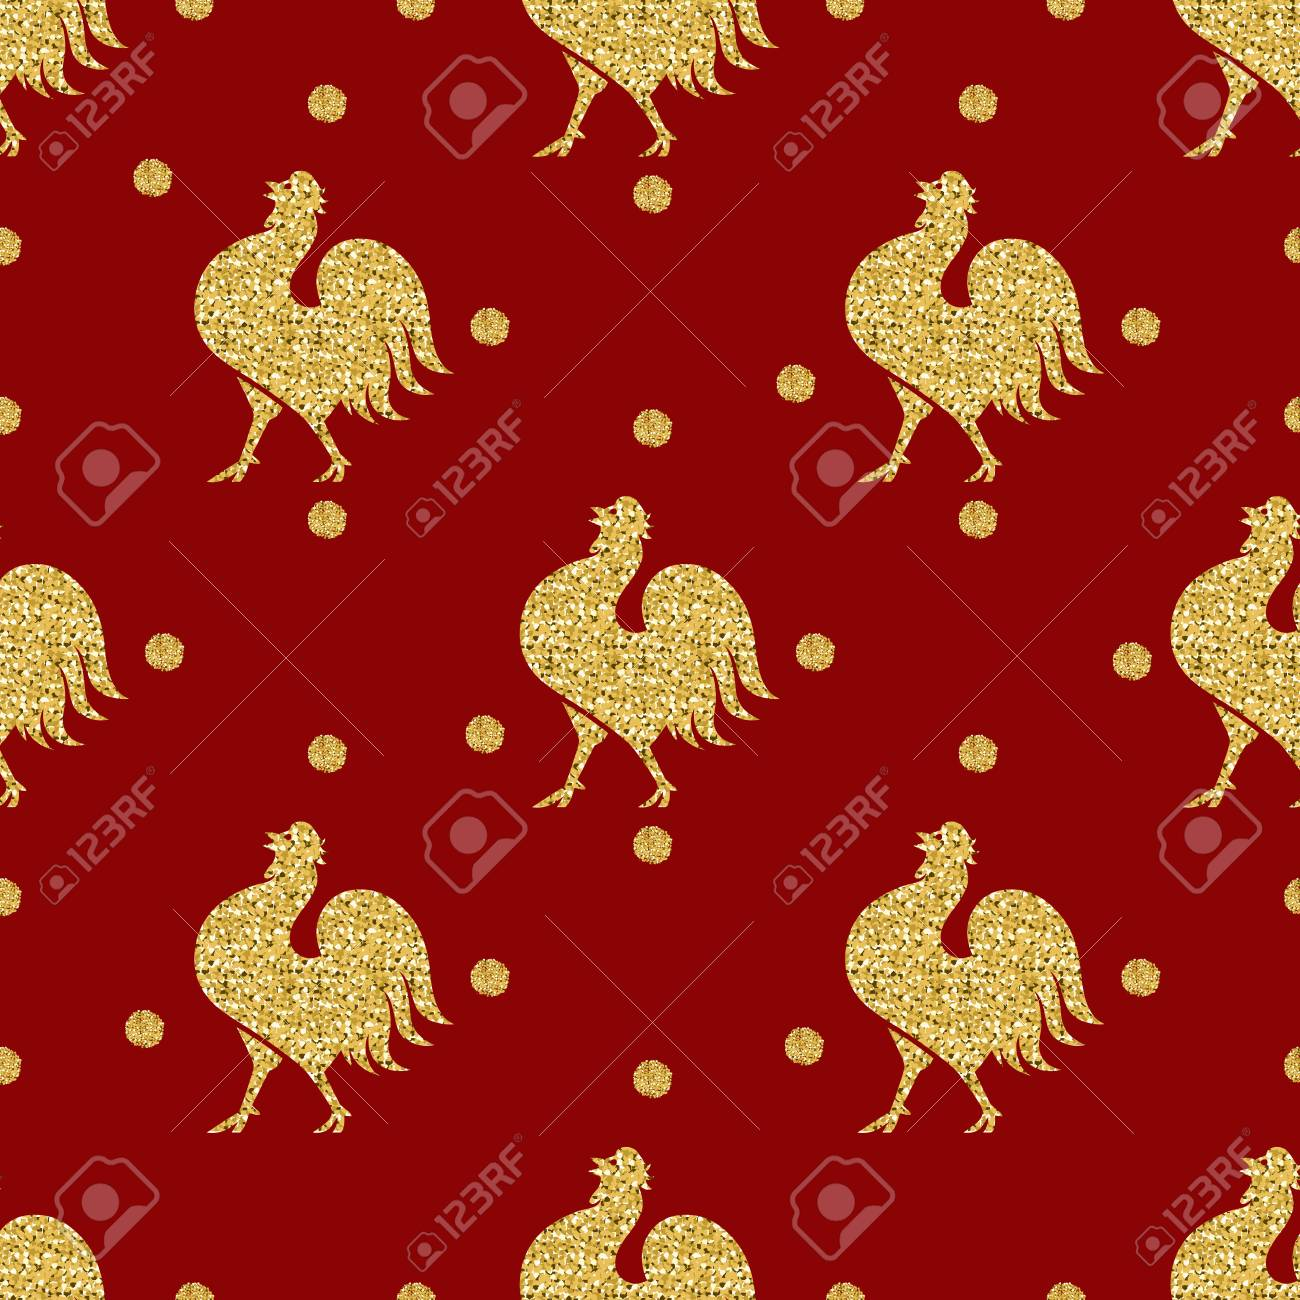 Vettoriale Pollo Glitter Oro Senza Soluzione Di Continuità Con